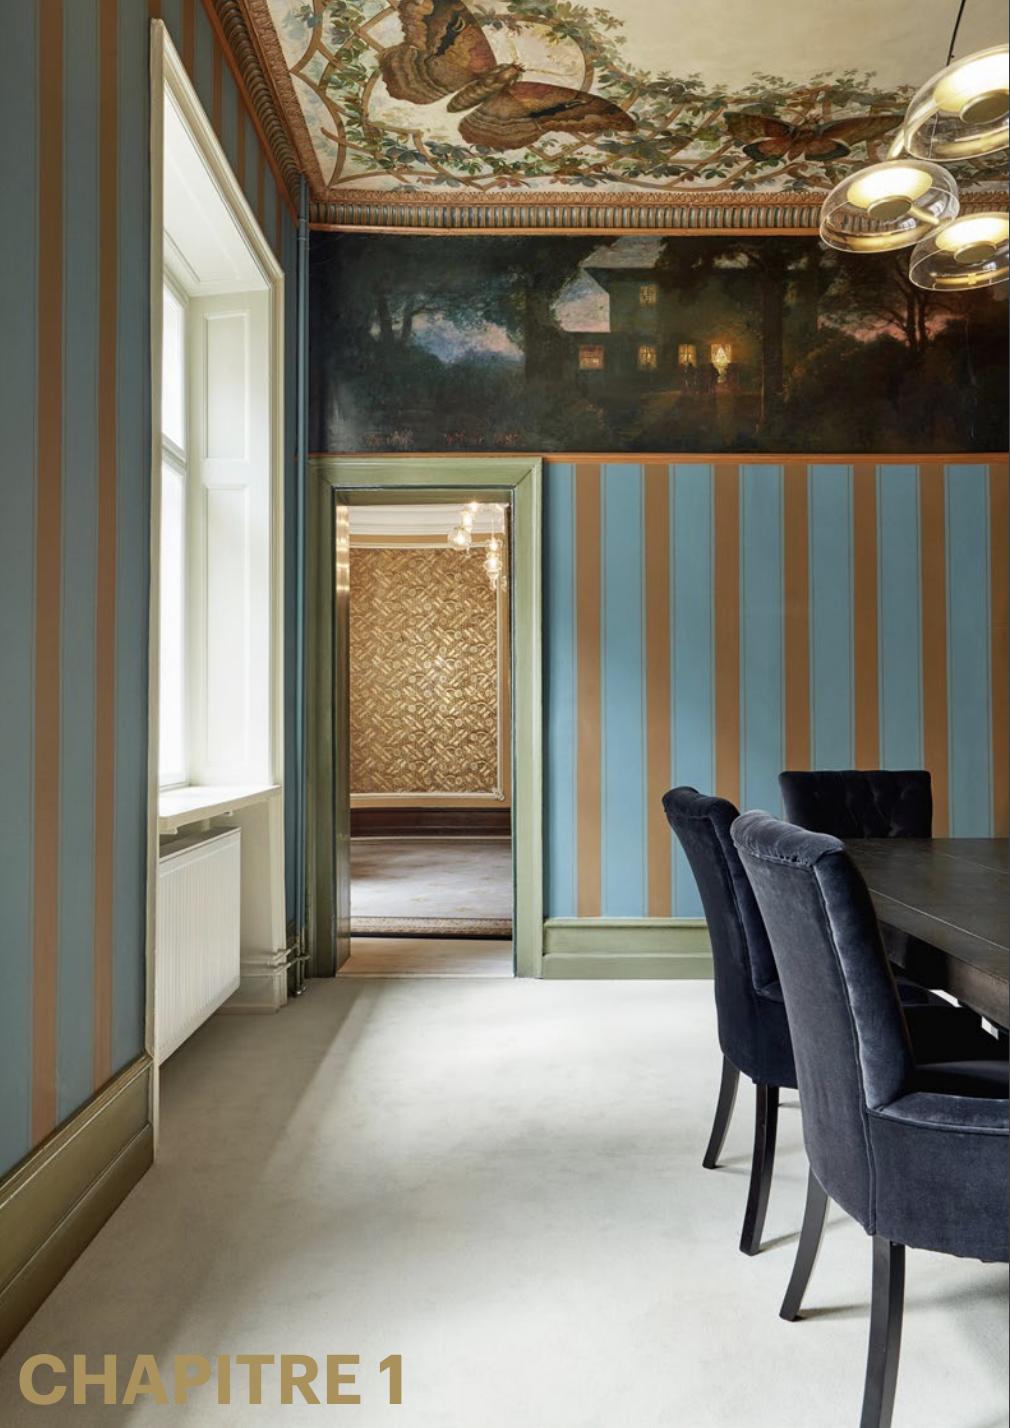 10 Amazing Carpet Cases We Love - 3 - fr